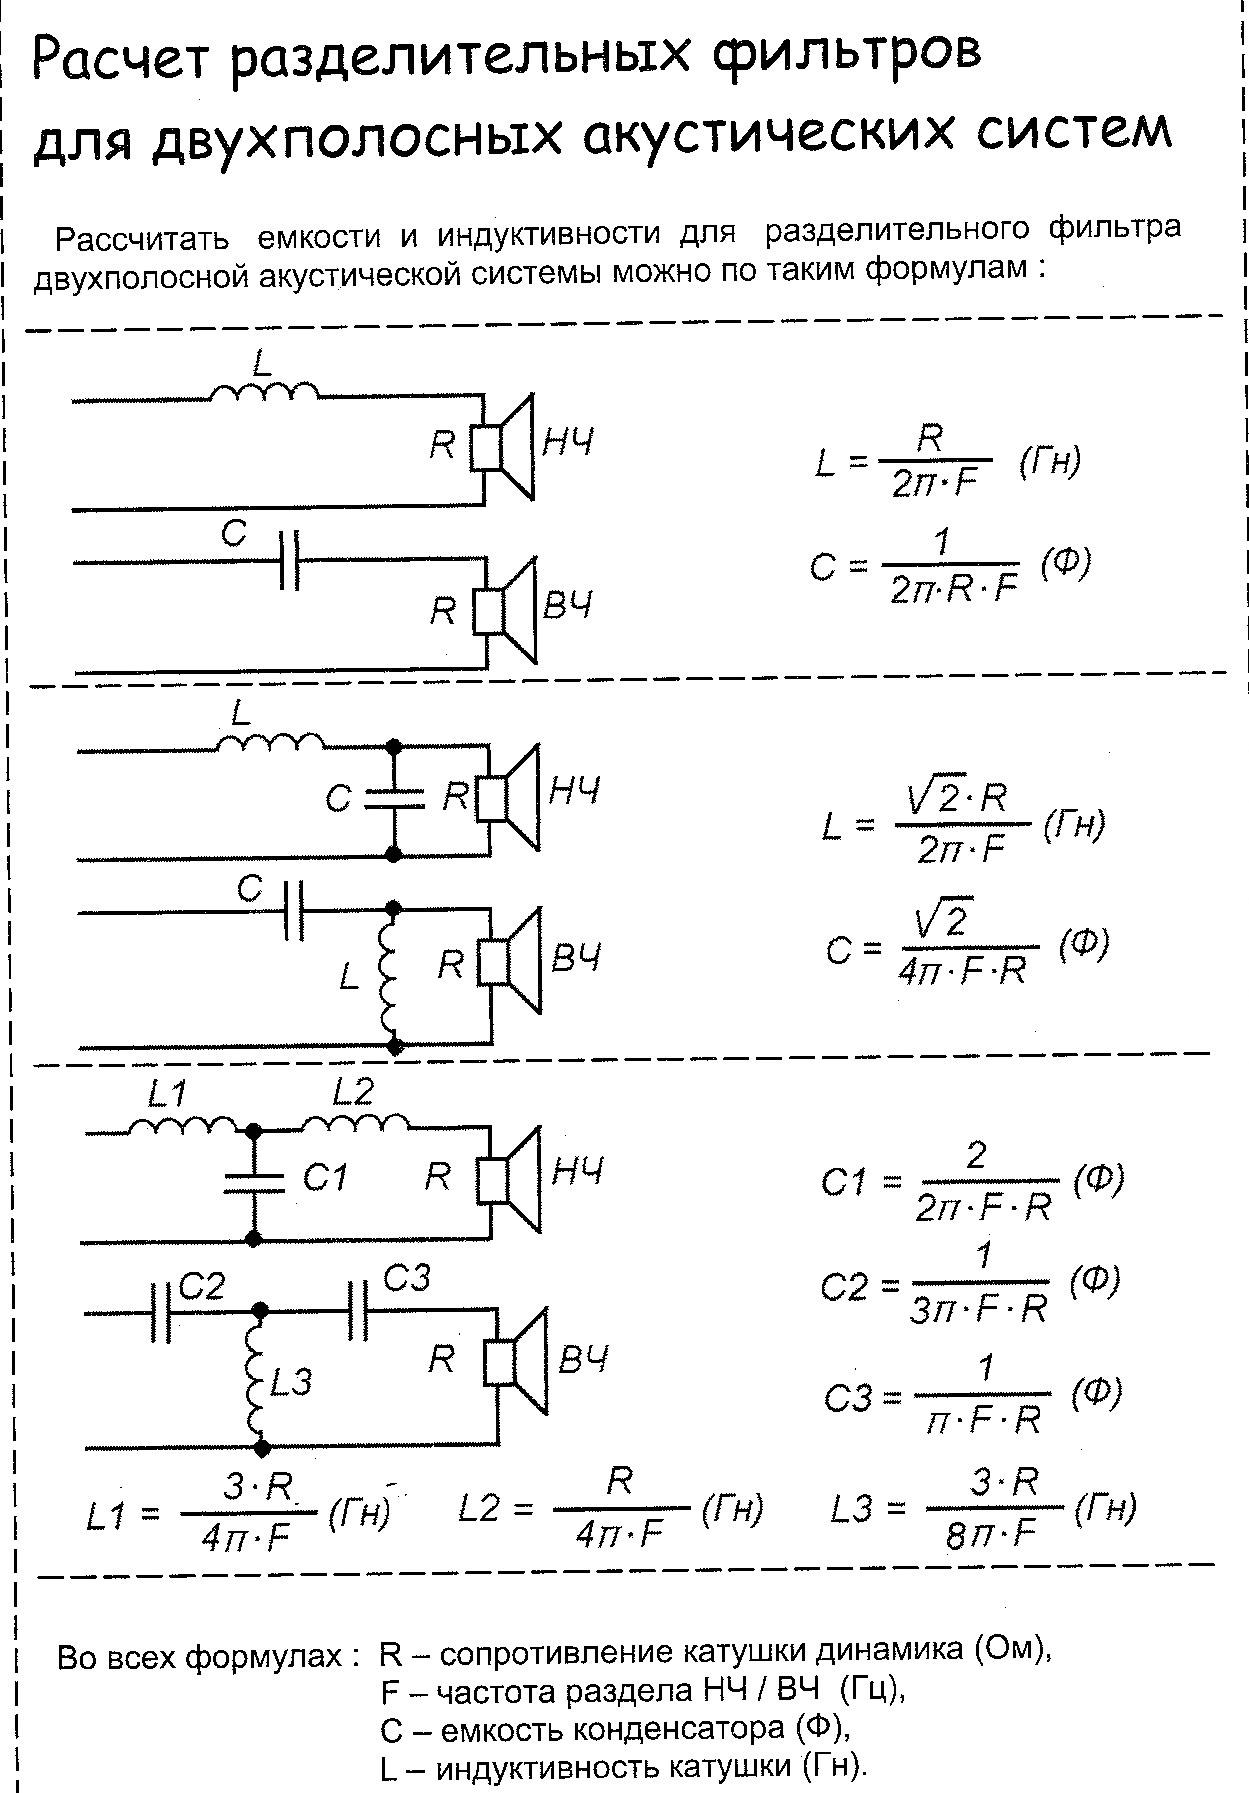 Фильтр второго порядка для вч динамика своими руками 99